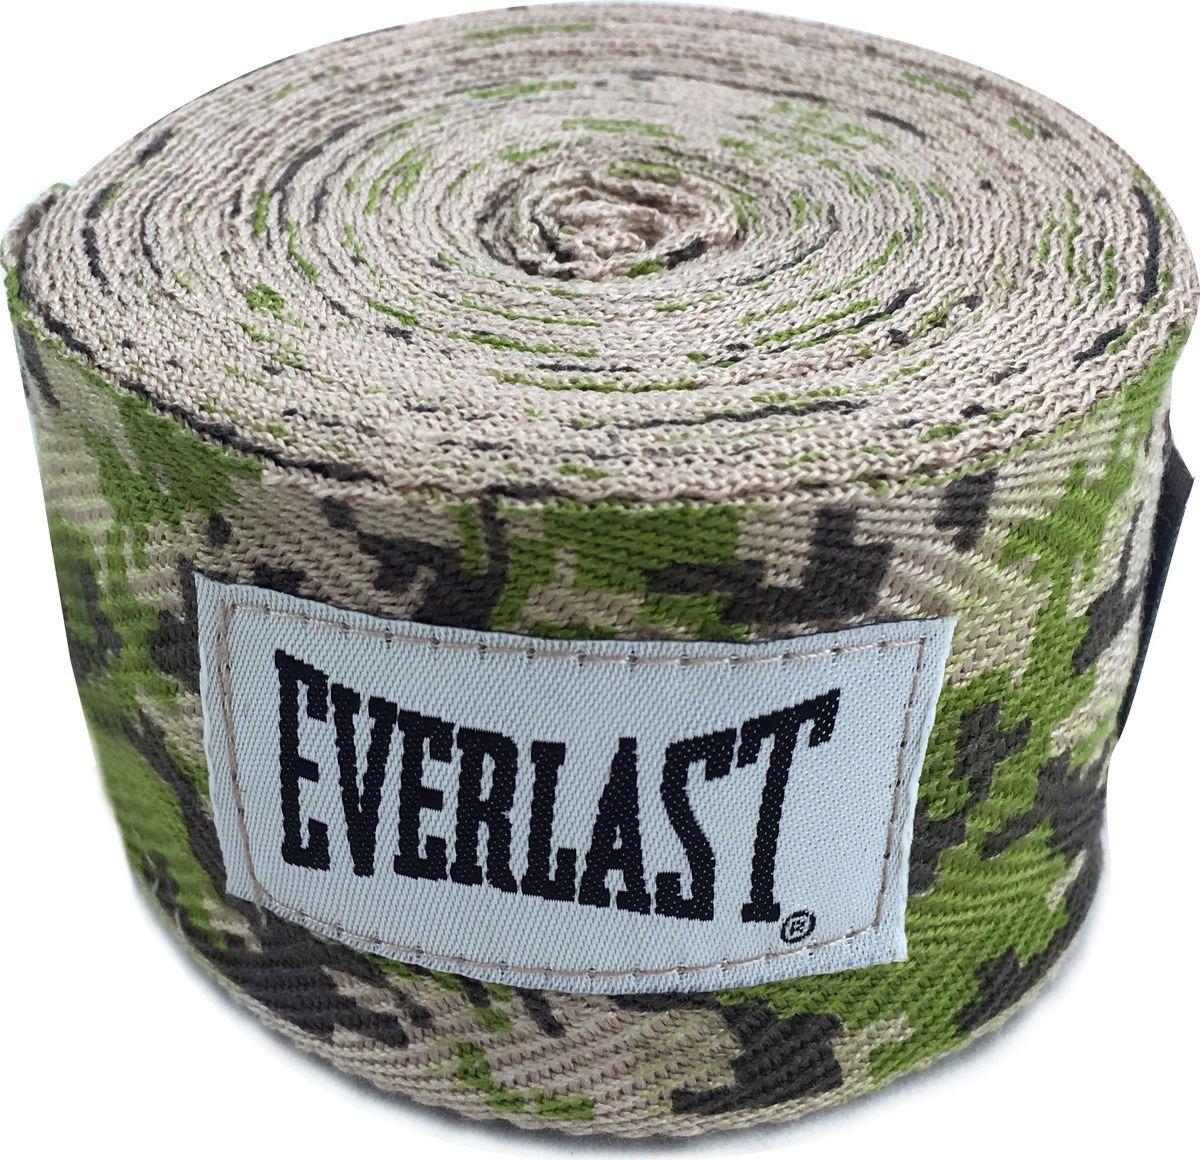 Боксерский бинт Everlast, 4465CAMO, зеленый, 2,5 м